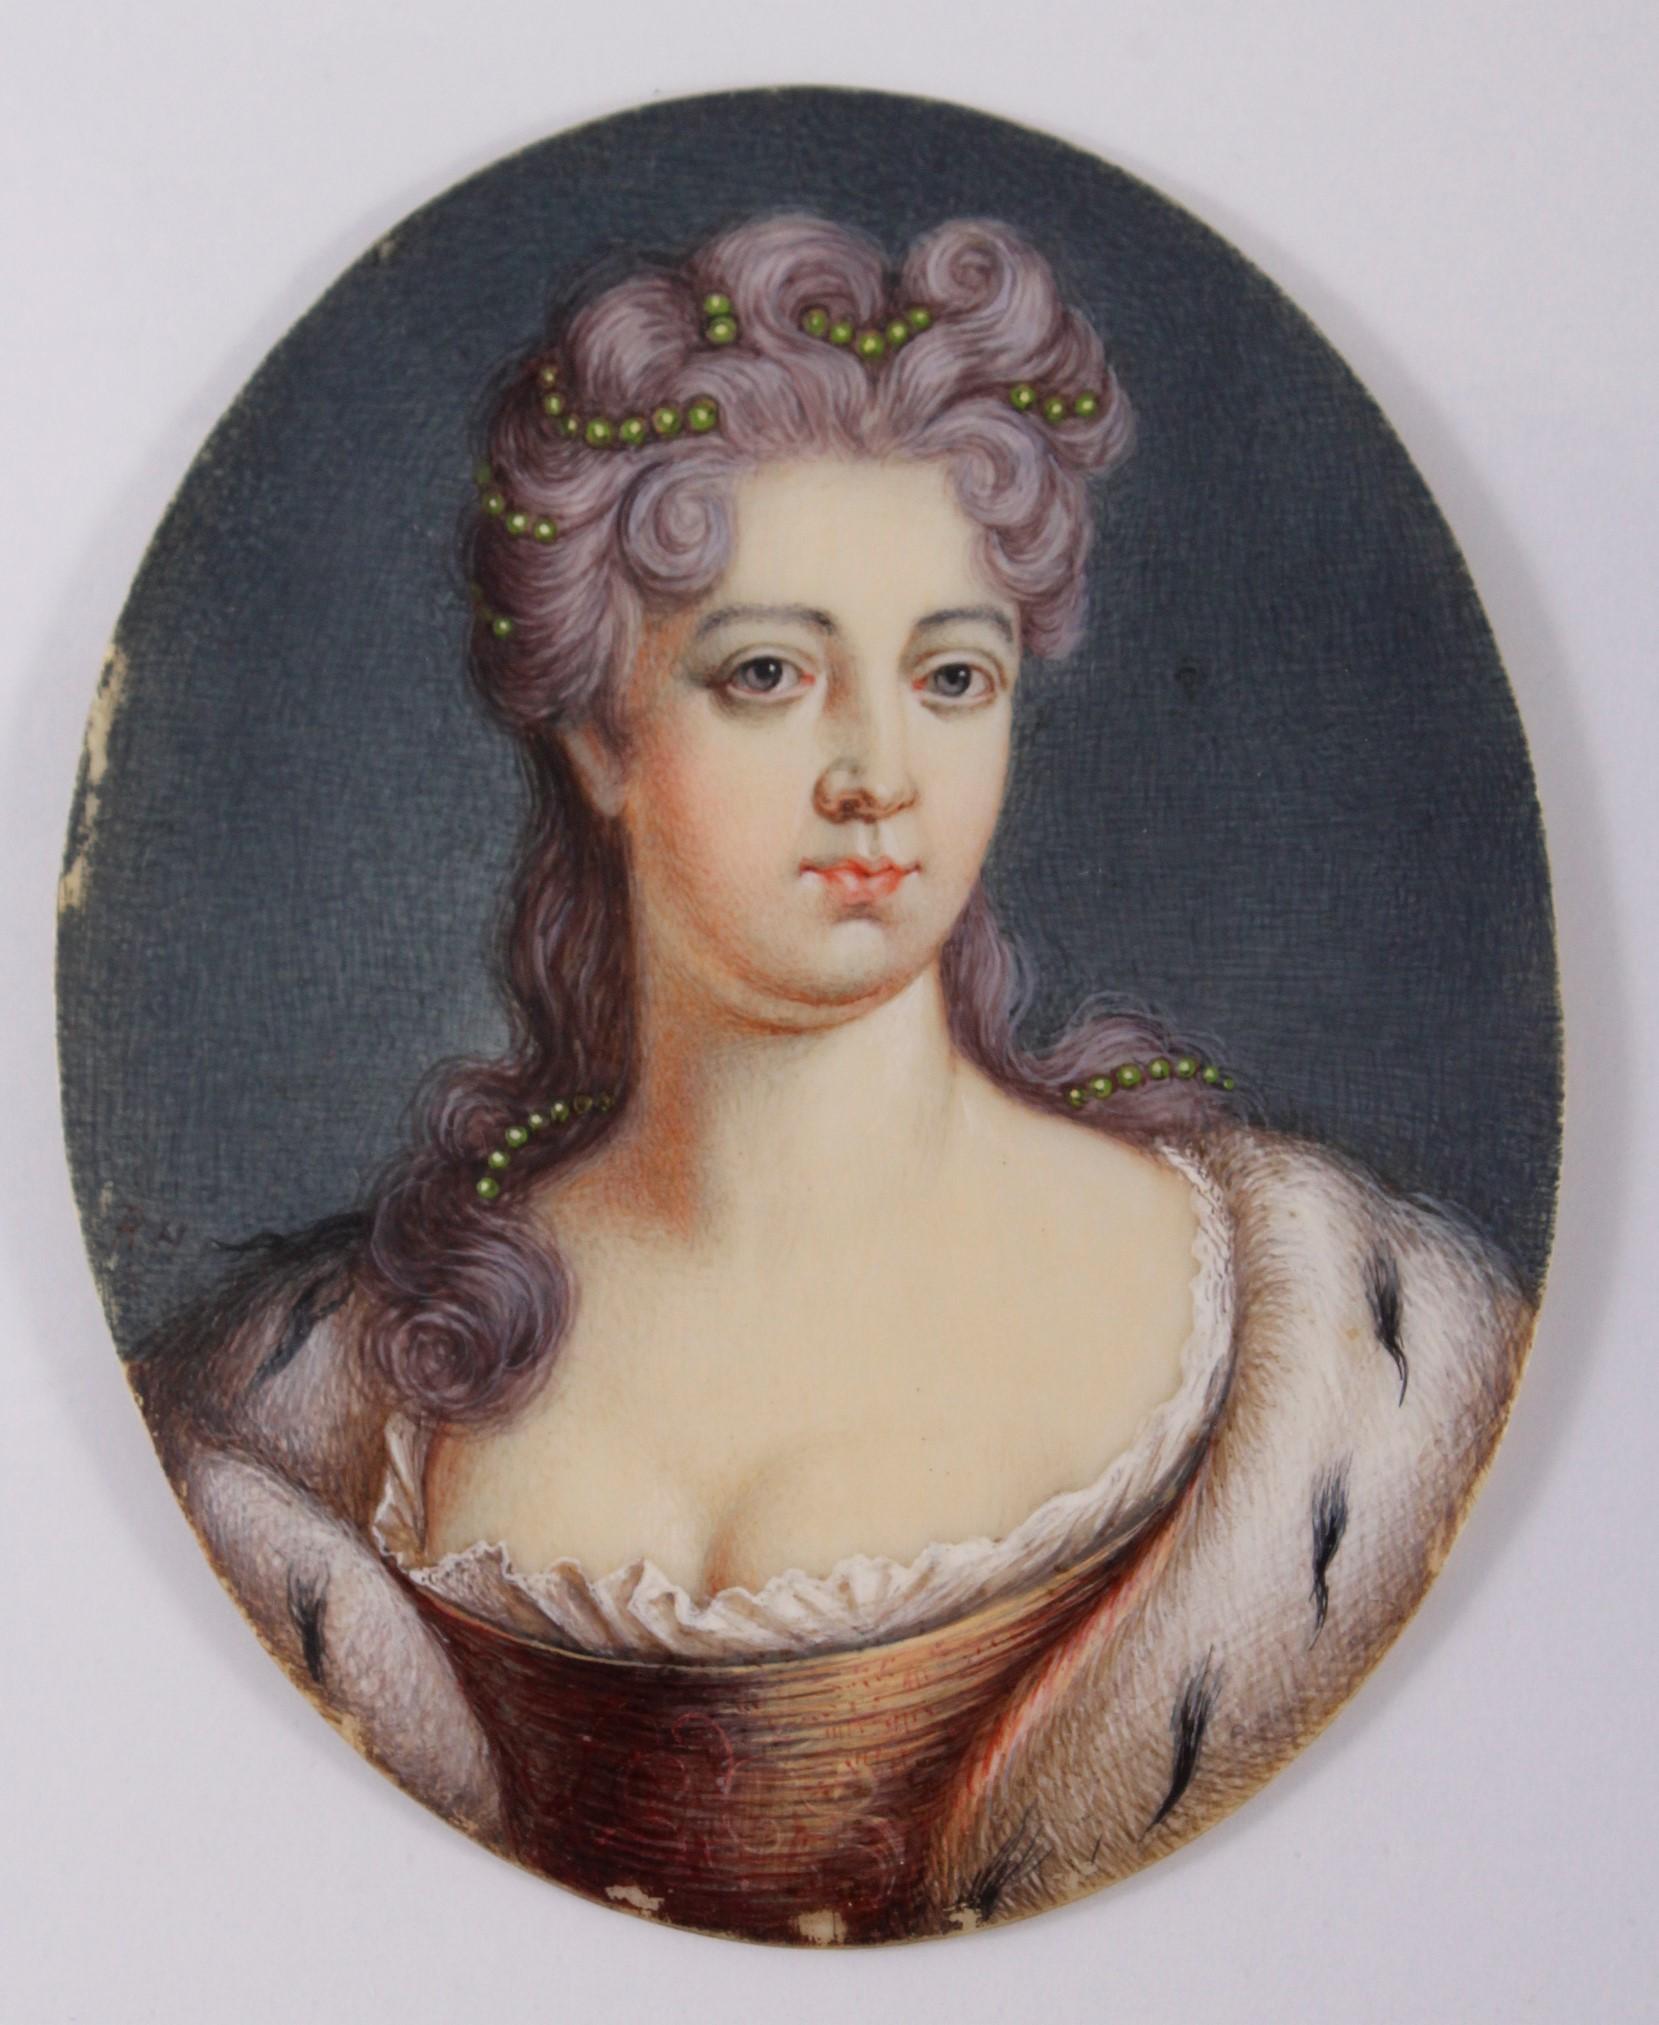 Miniaturportrait des 18. Jahrhunderts